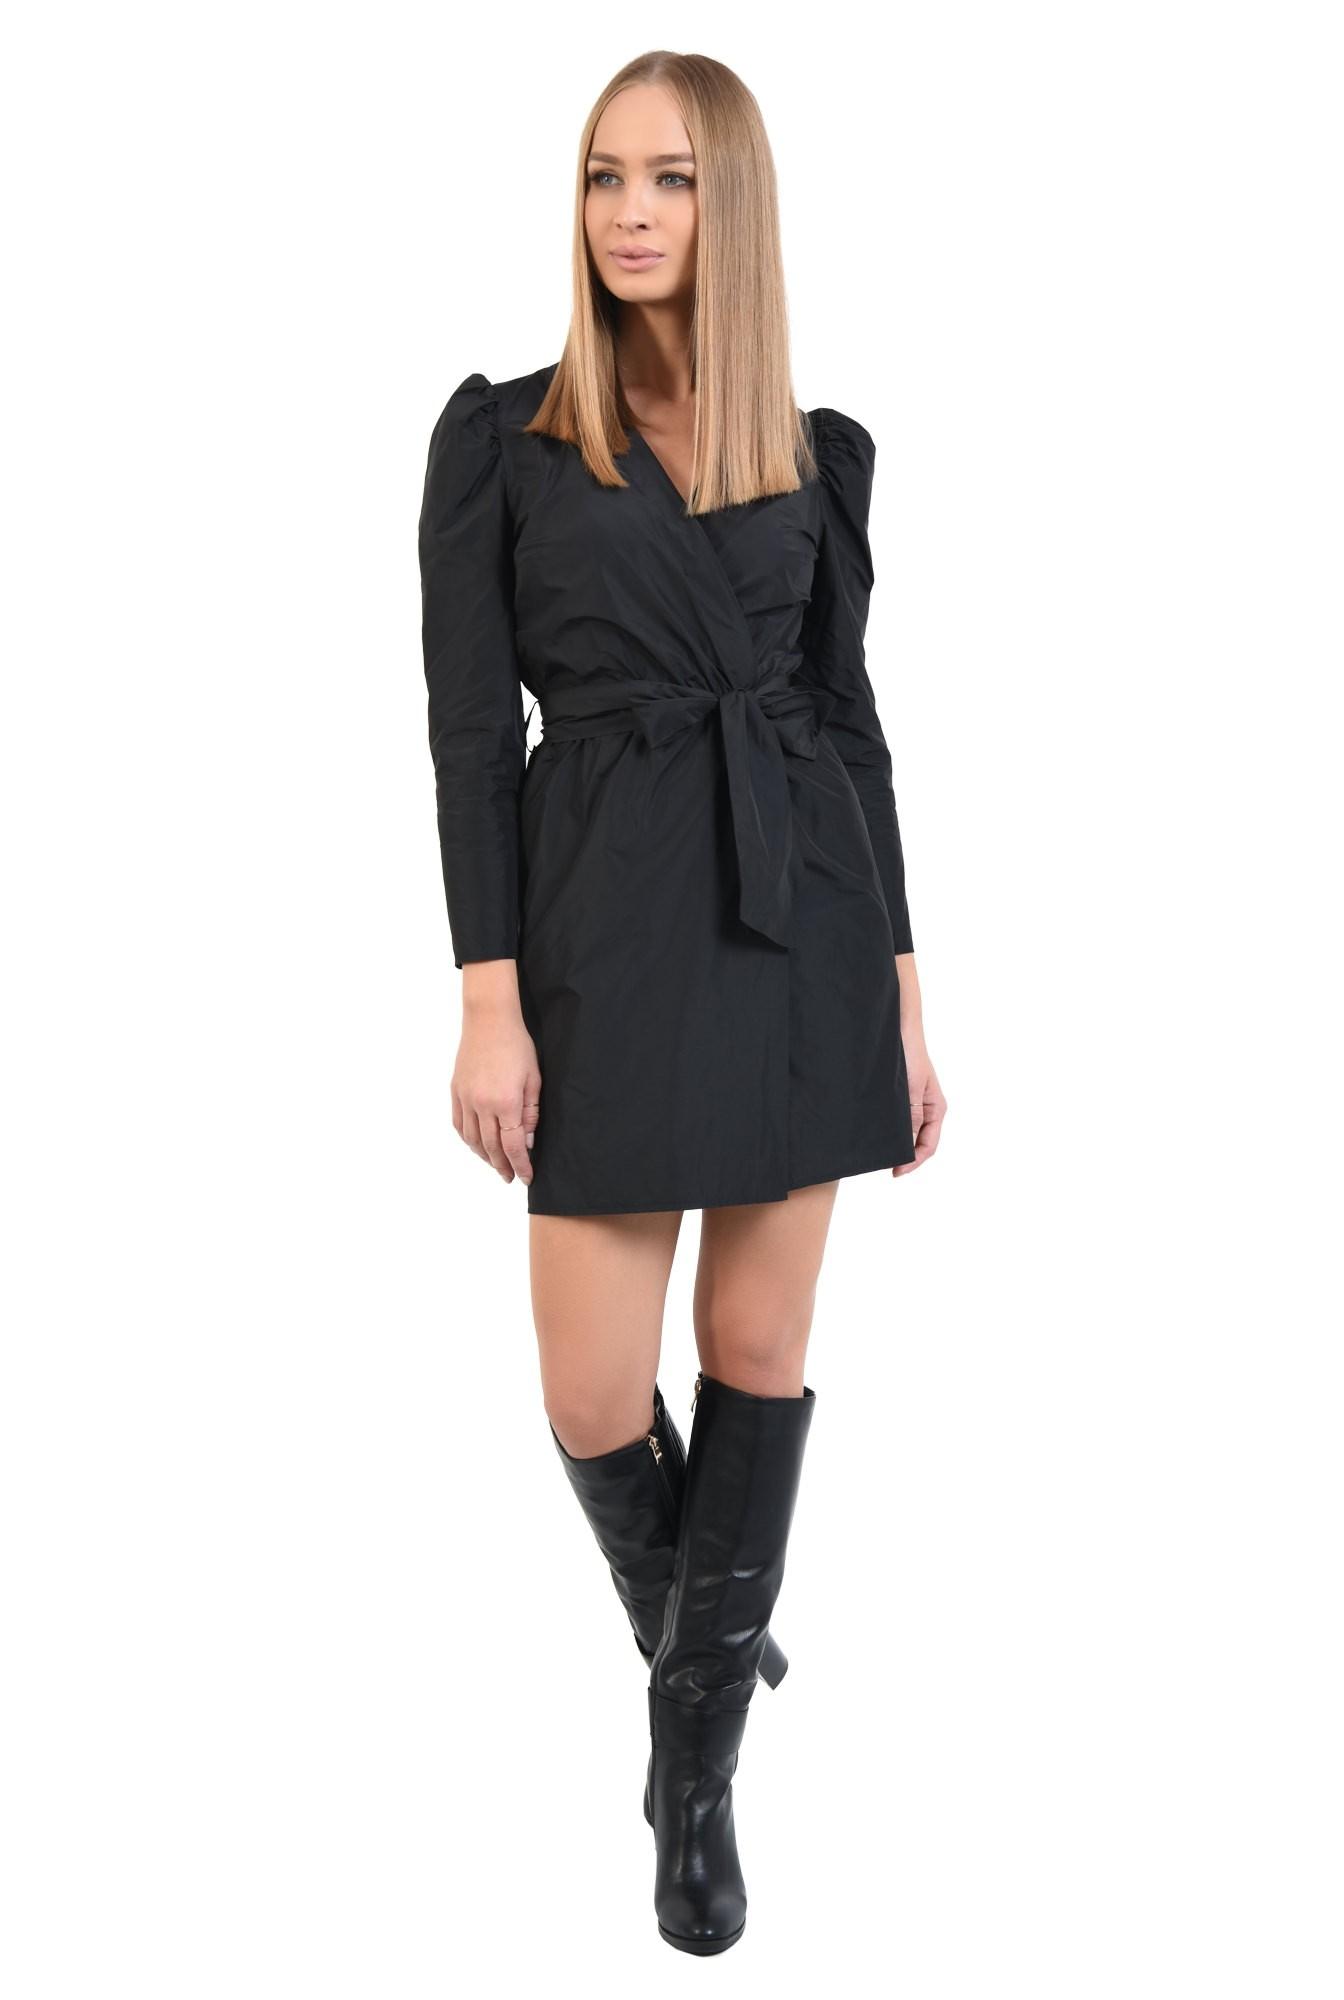 3 - 360 - rochie casual, scurta, petrecuta, neagra, cu cordon